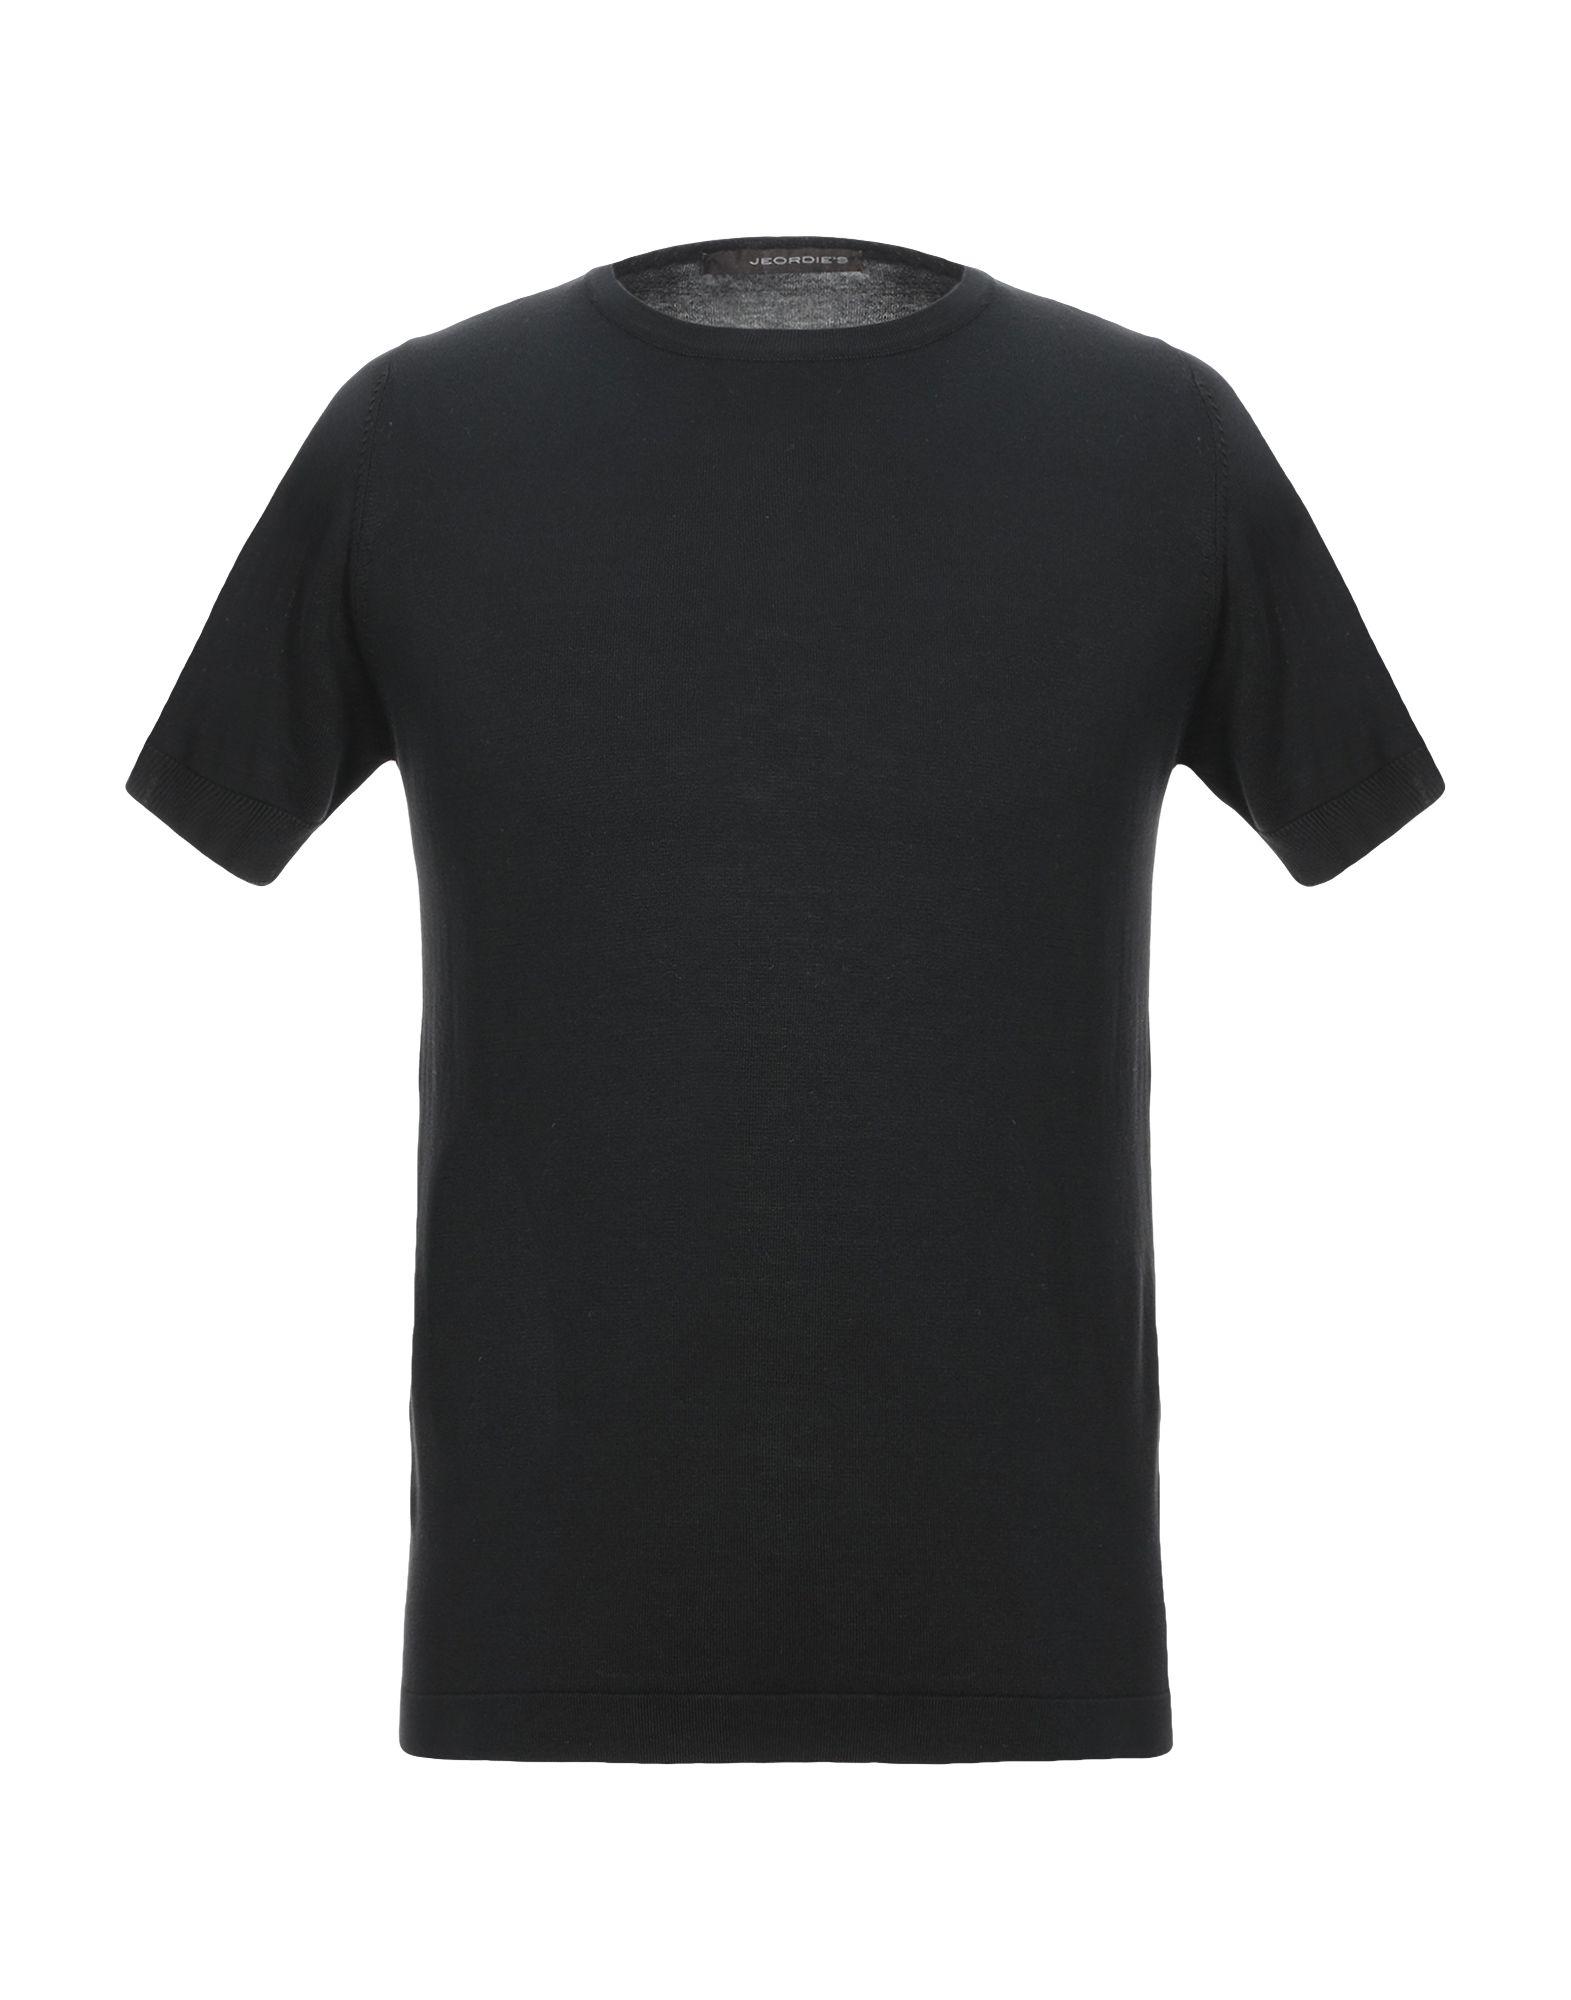 《セール開催中》JEORDIE'S メンズ プルオーバー ブラック S コットン 100%